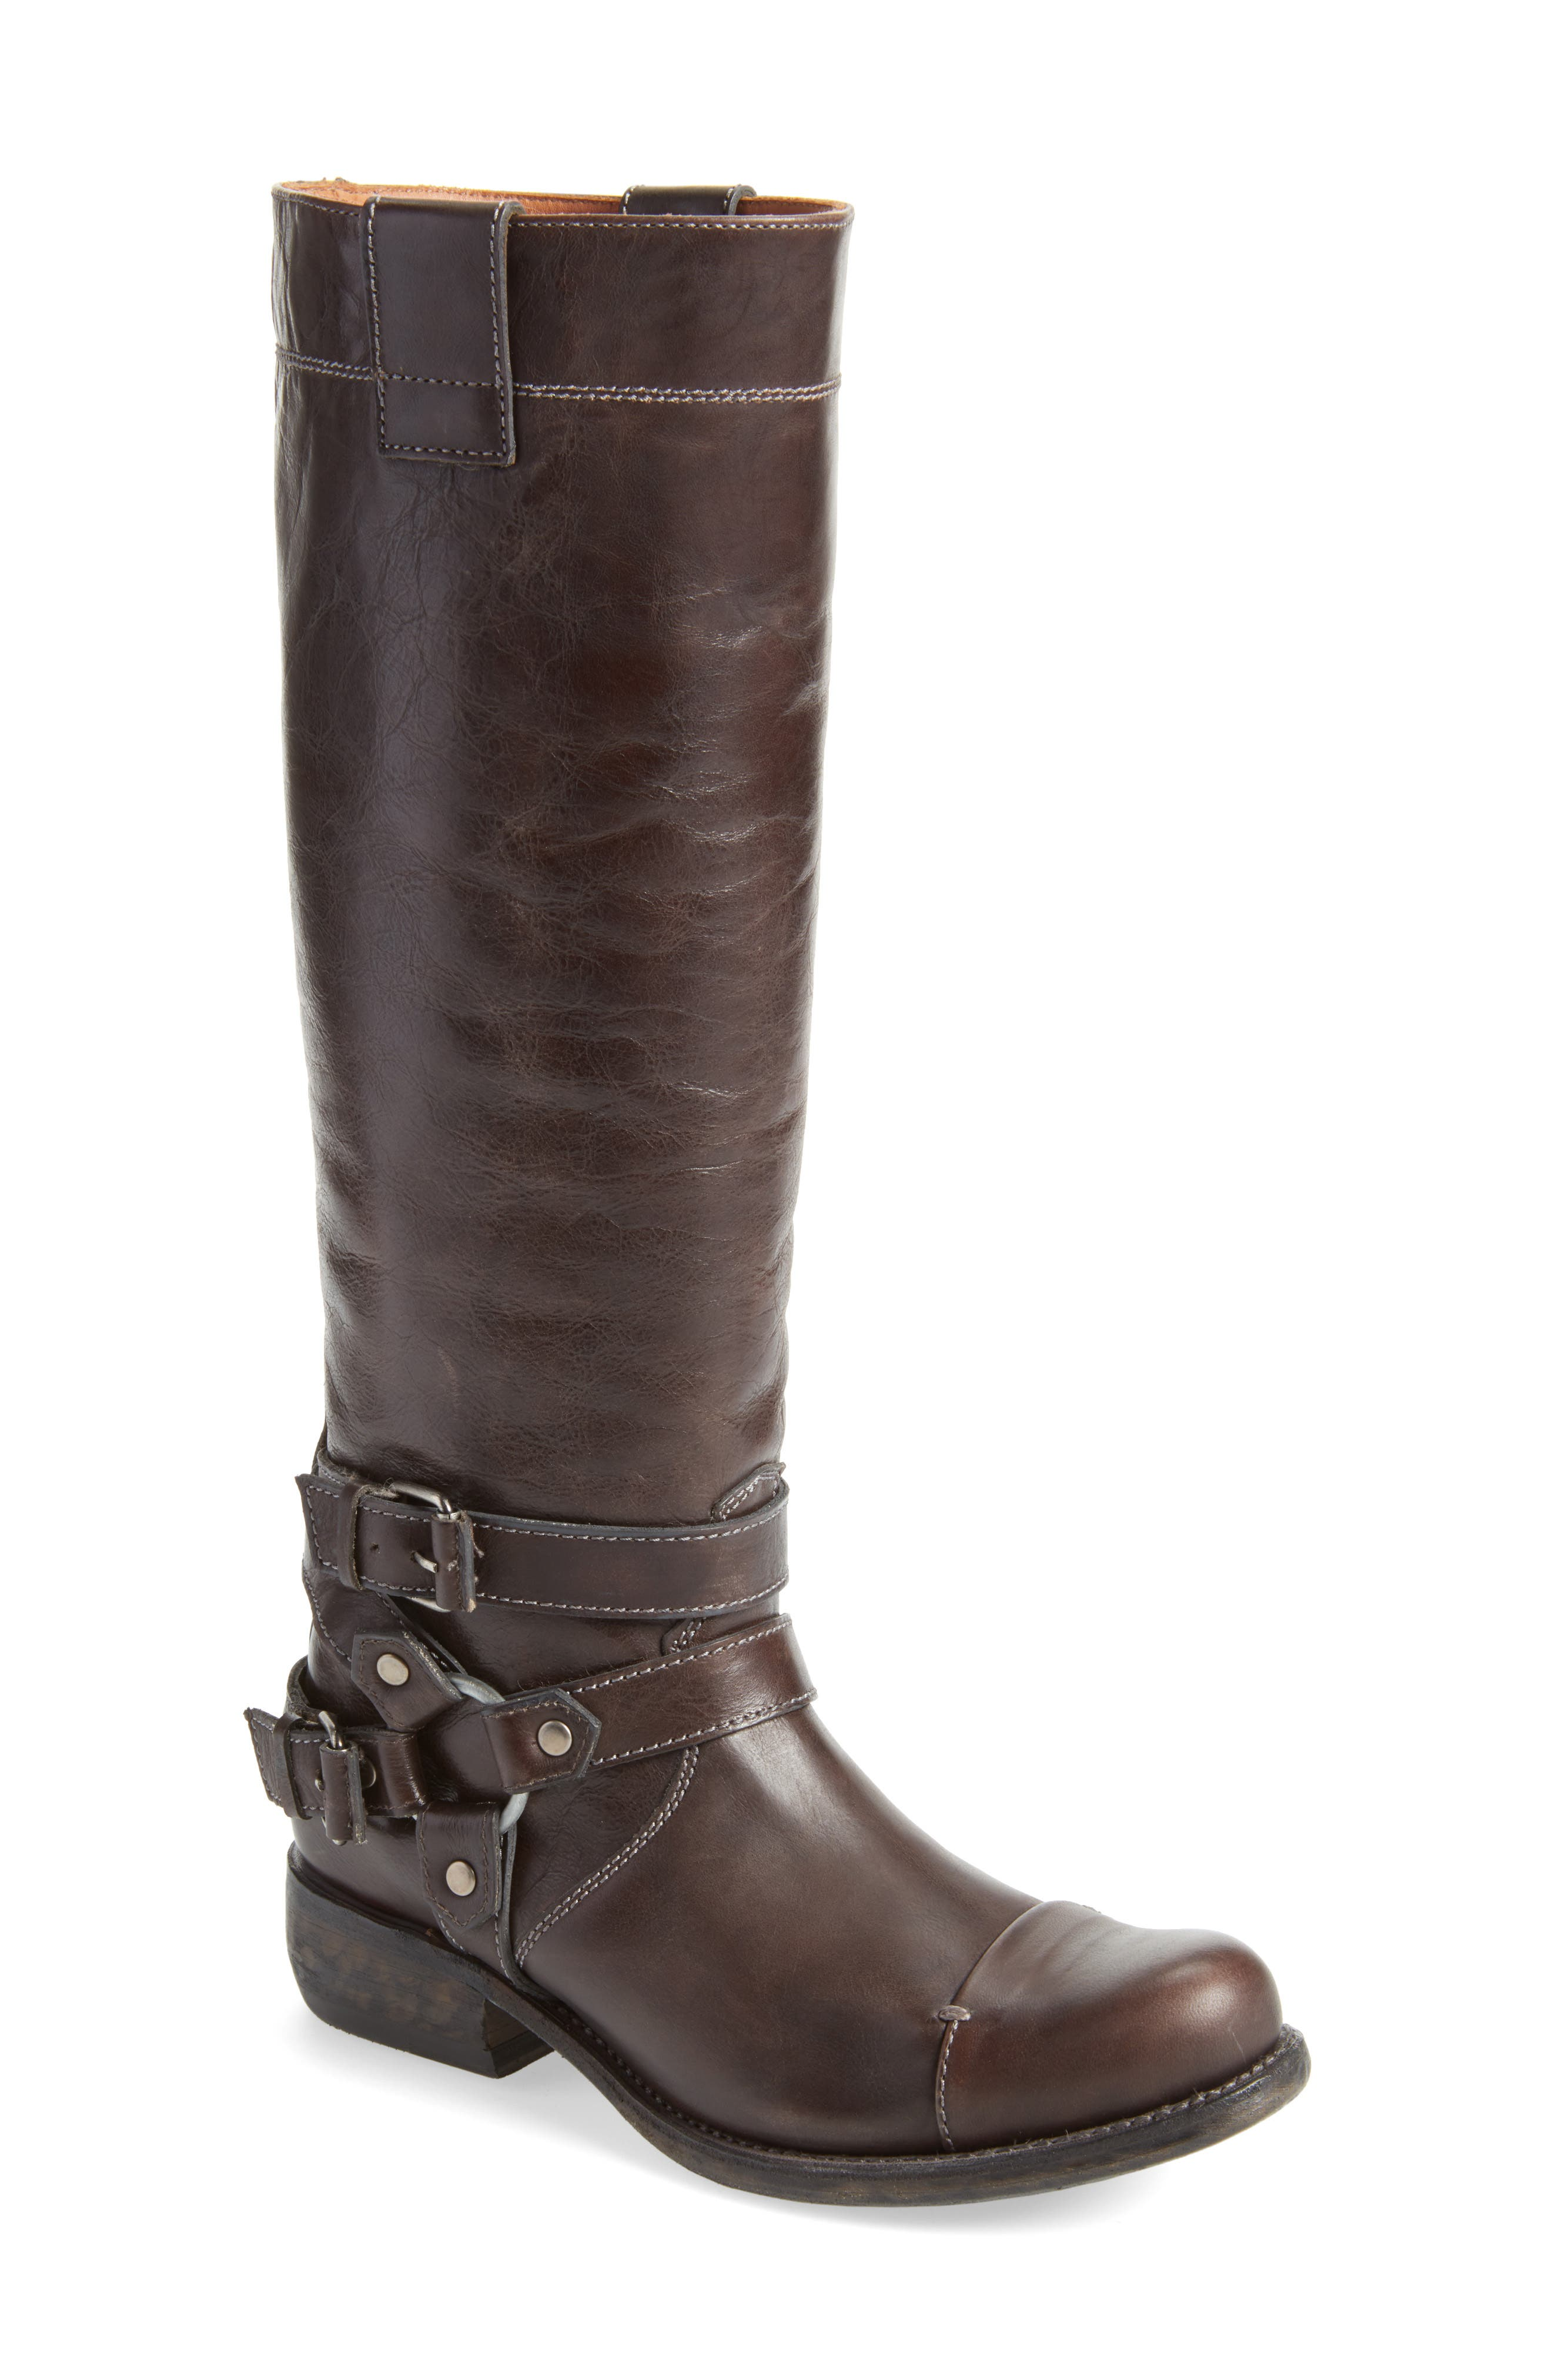 Alternate Image 1 Selected - Ariat Cordoba Boot (Women)